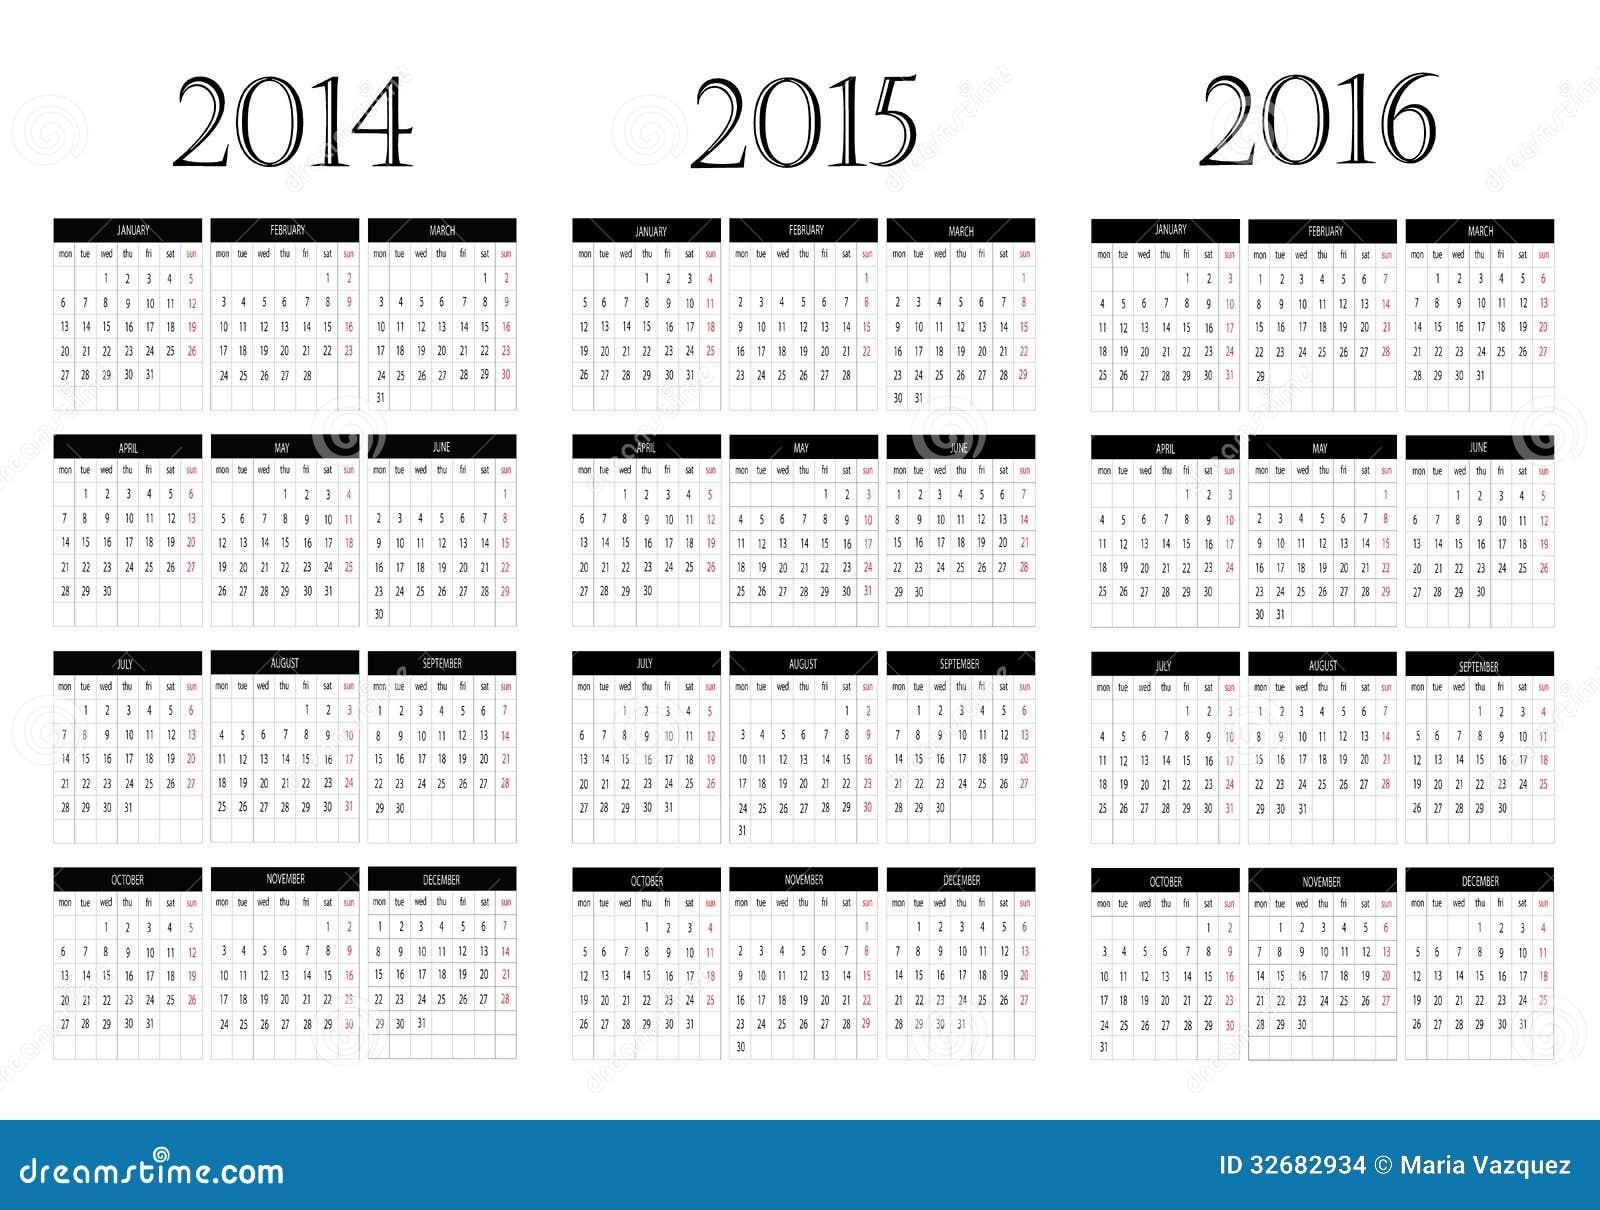 Армянские праздники в 2016